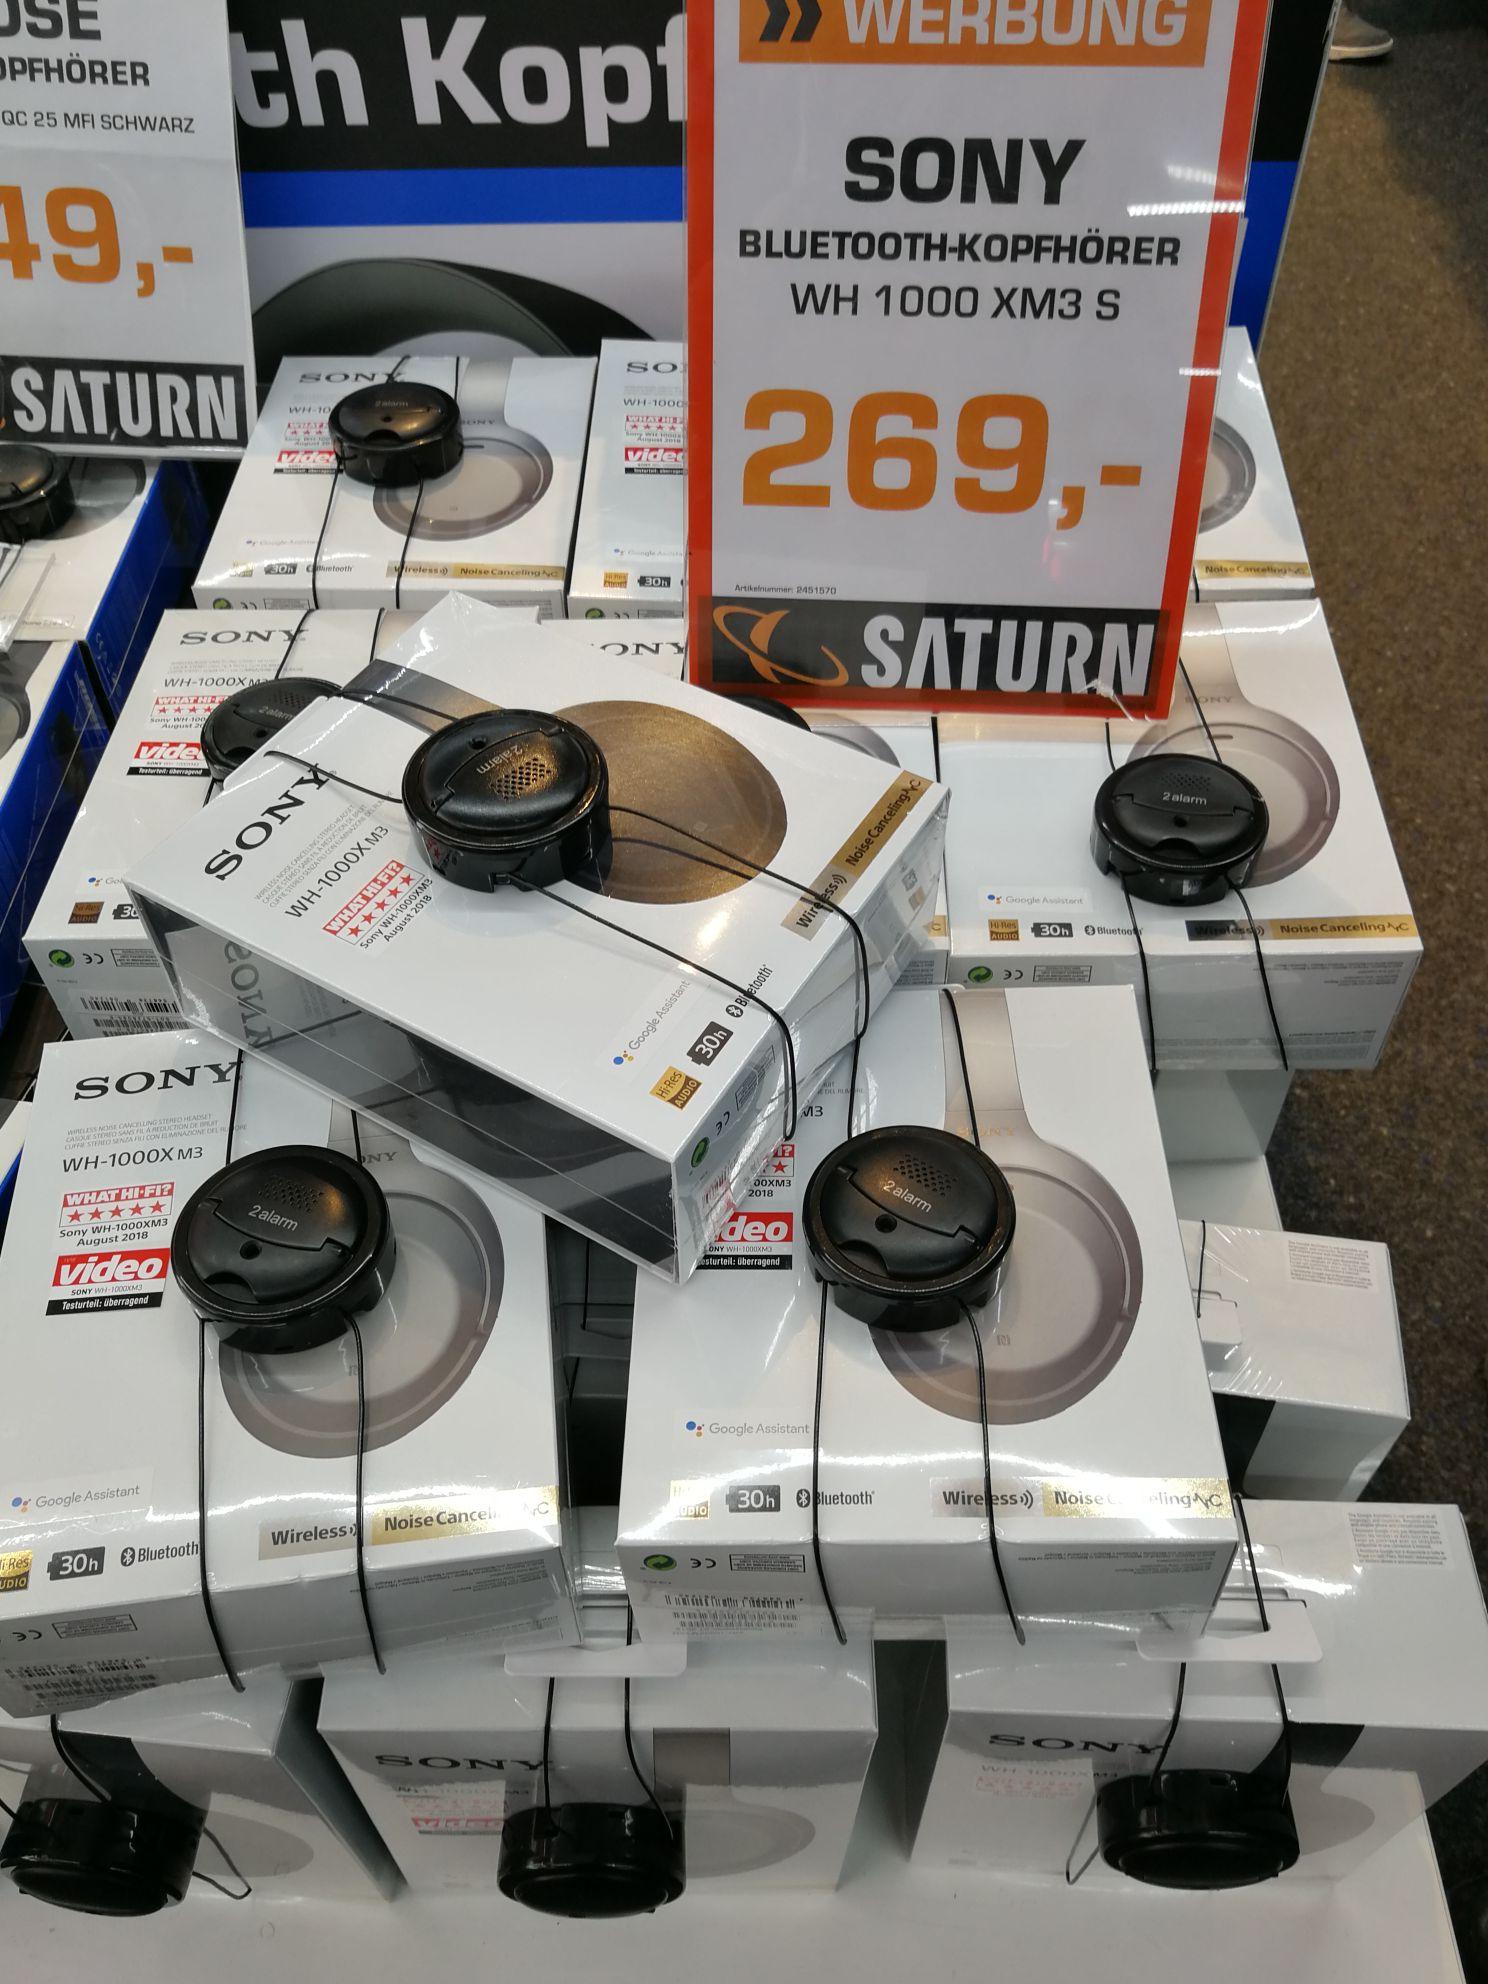 Lokal, Saturn Hannover, Sony Wh-1000xm3 in Silber und schwarz